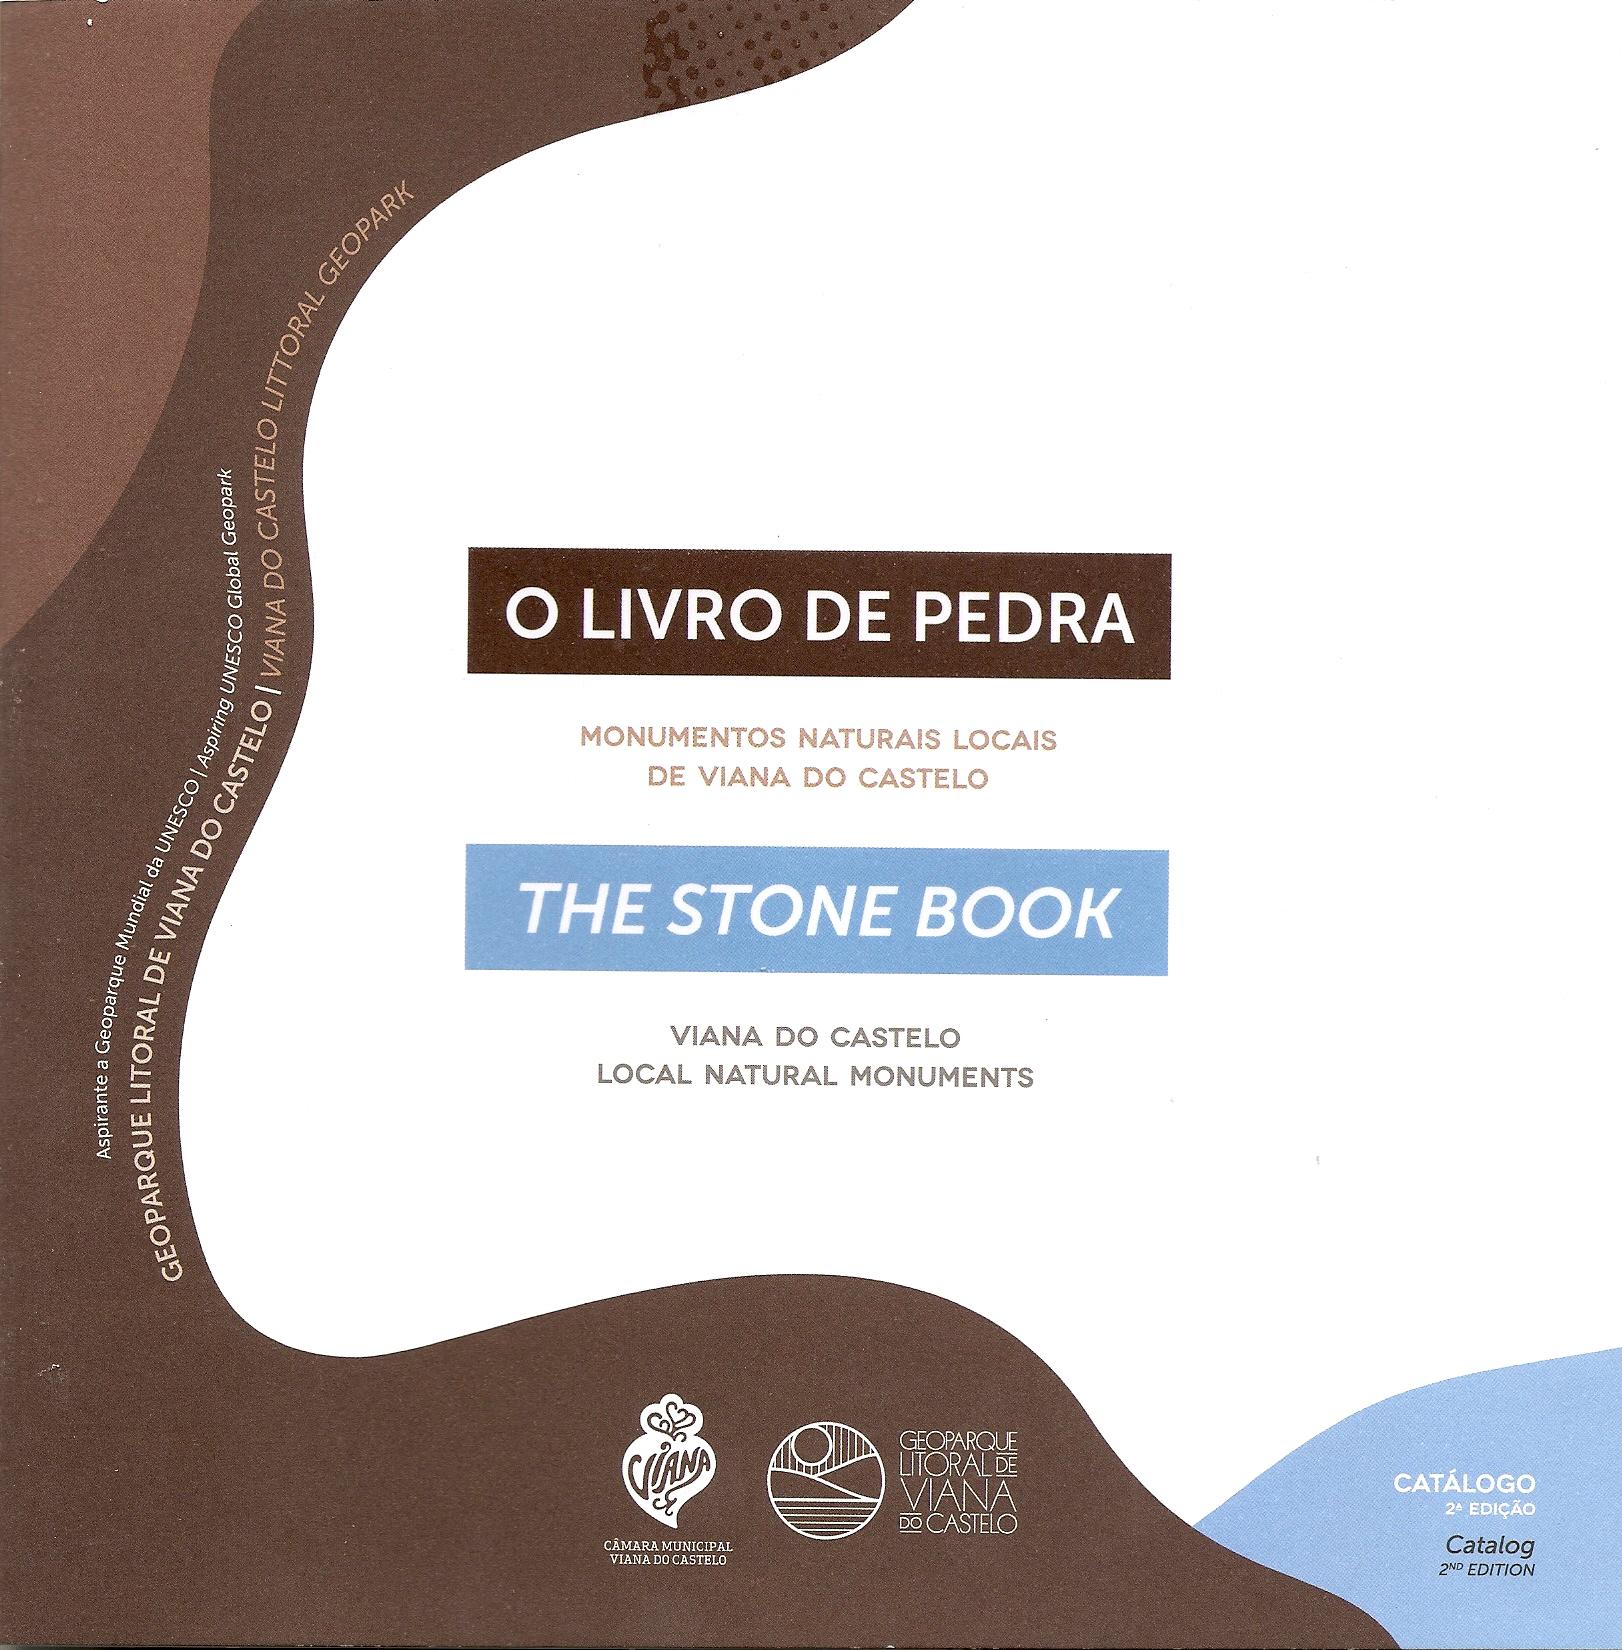 O livro de pedra – monumentos naturais locais de Viana do Castelo